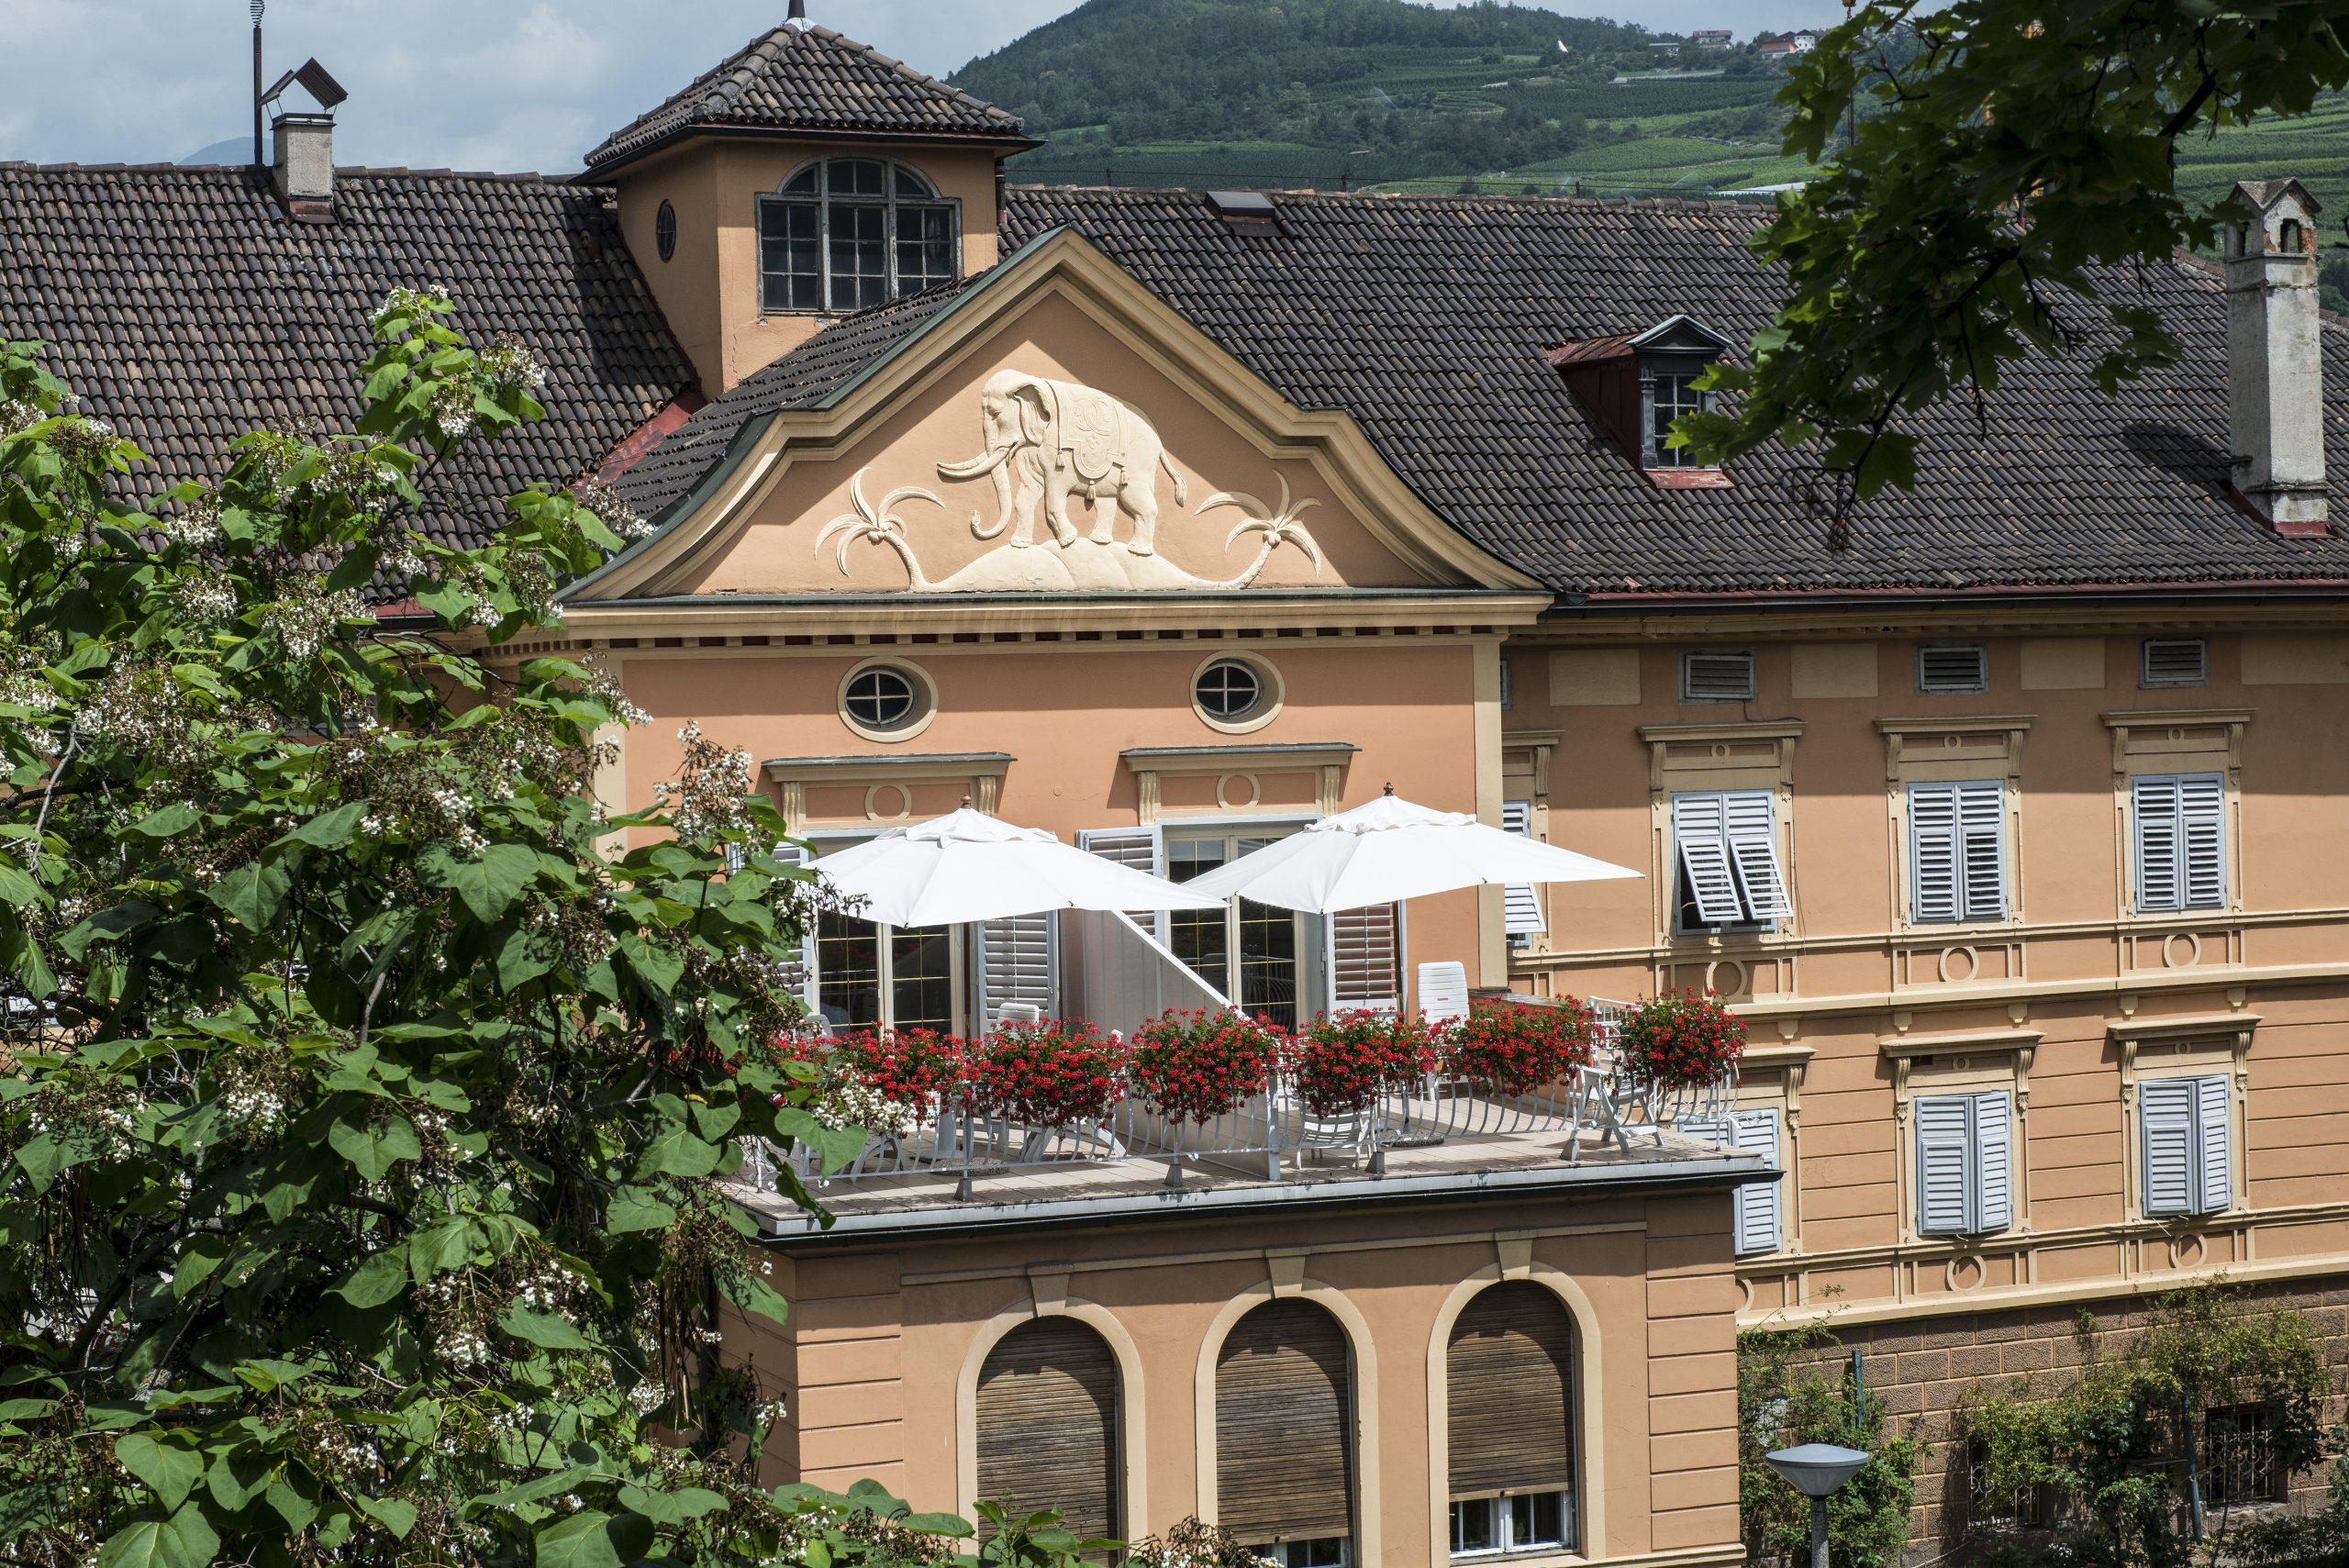 Italy - Trentino Alto Adige